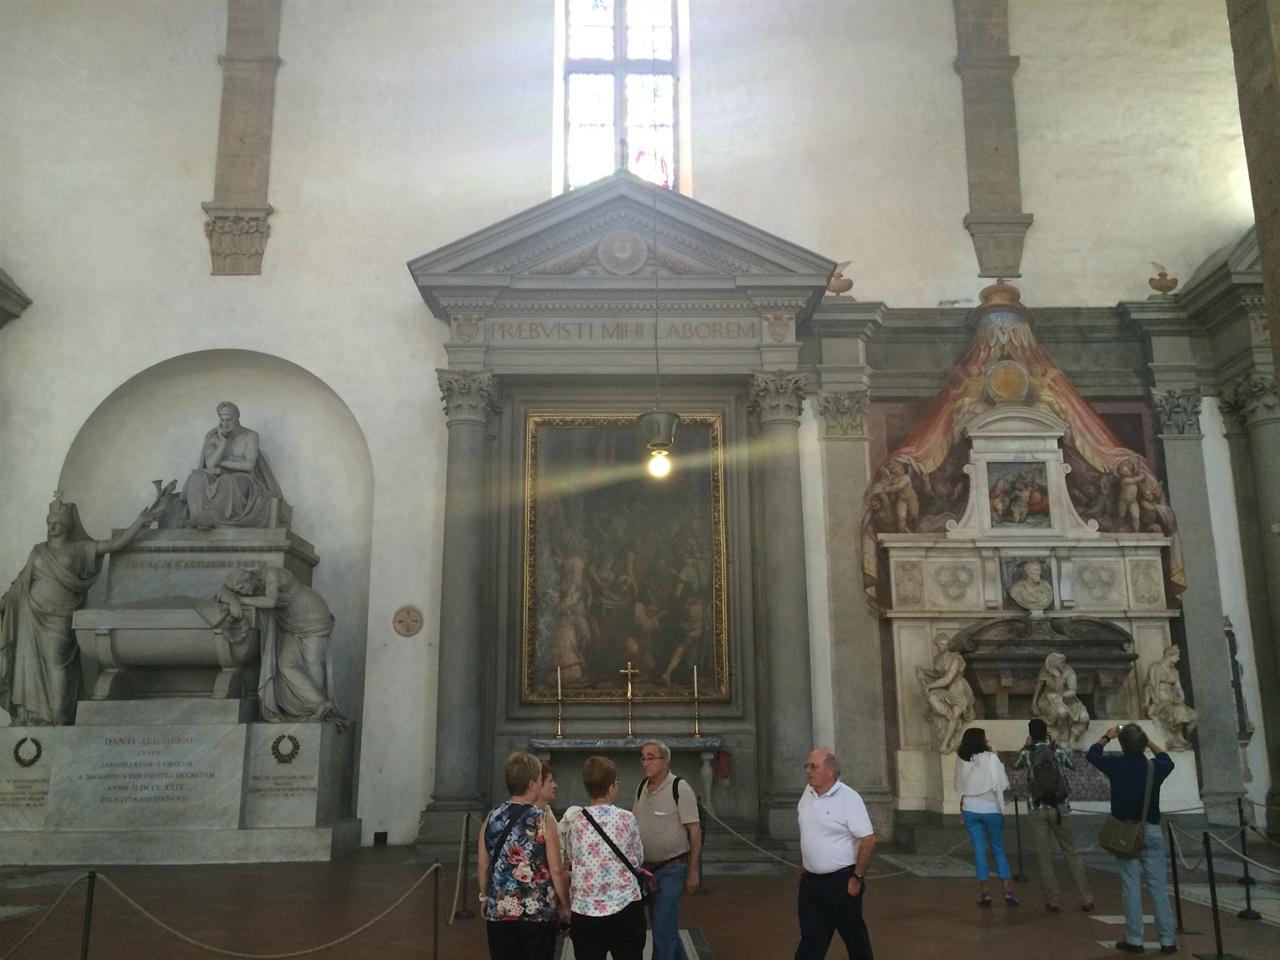 나란히 있는 단테와 미켈란젤로의 무덤   피렌체에 올 때마다 한참이나 이 무덤들을 바라본다.